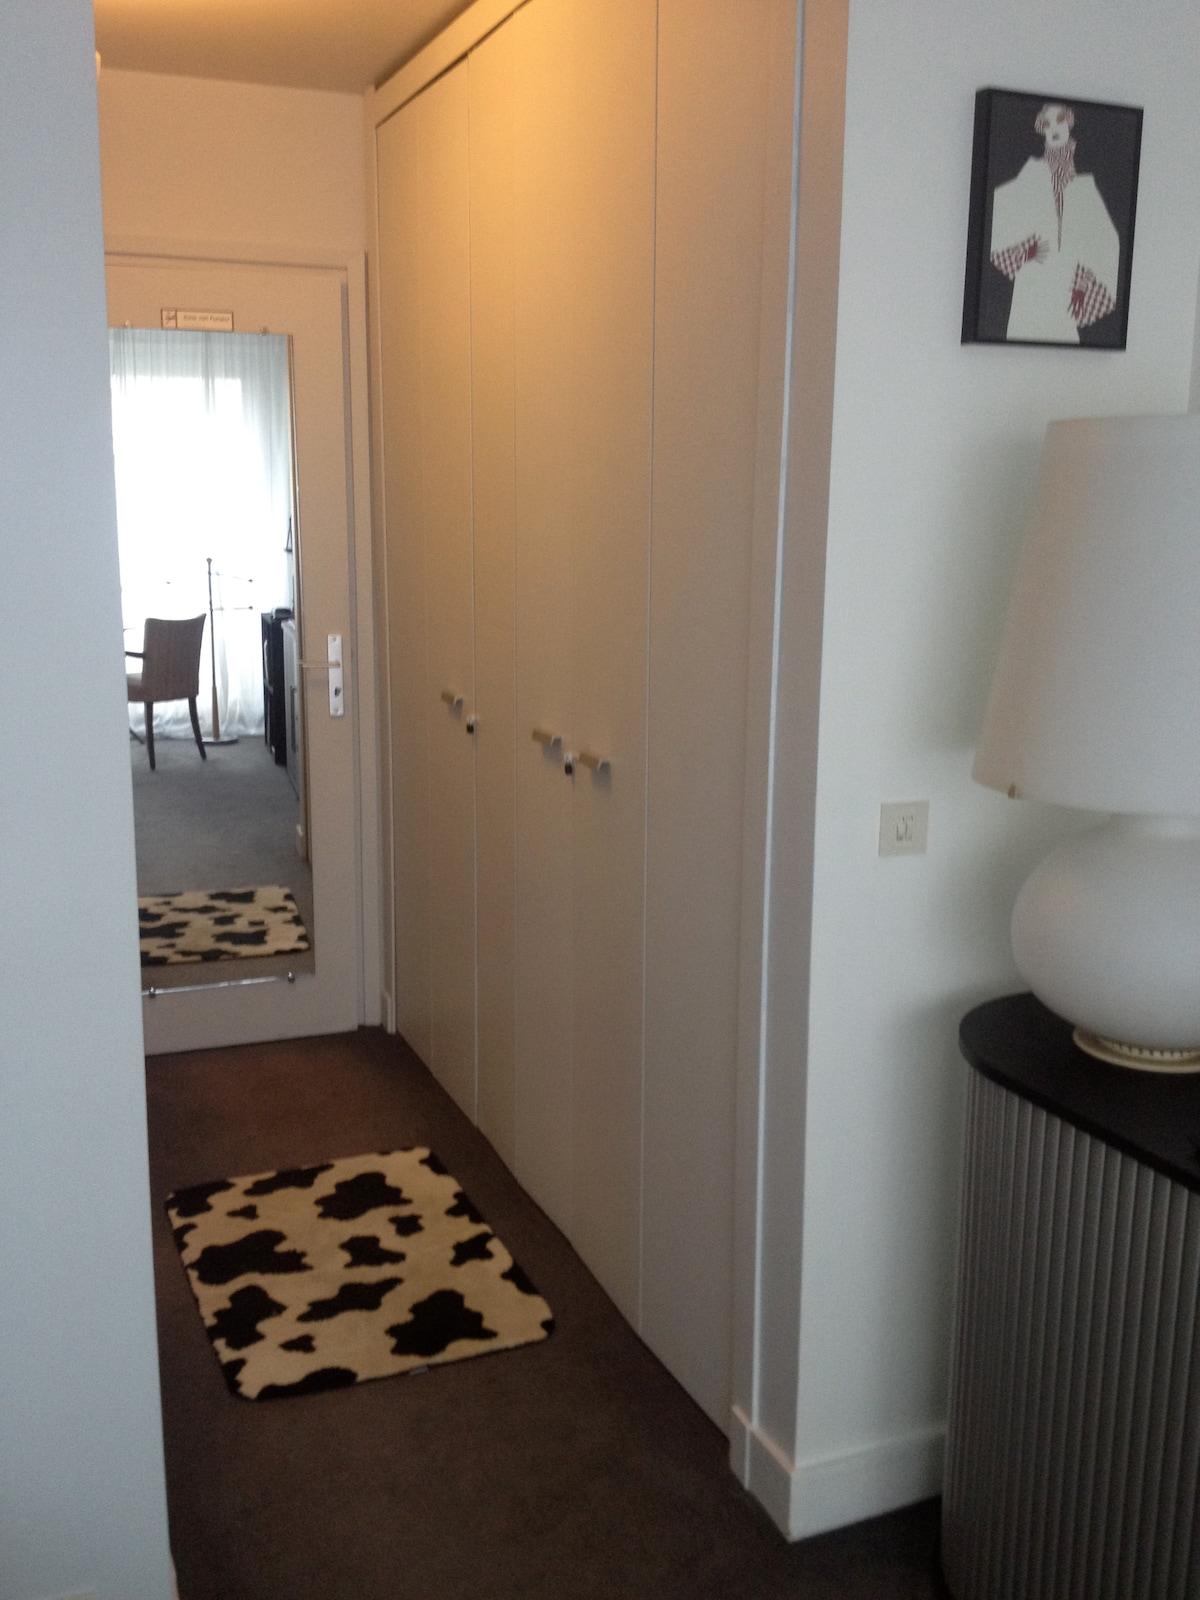 Petit couloir pour accéder à la salle de bains privée